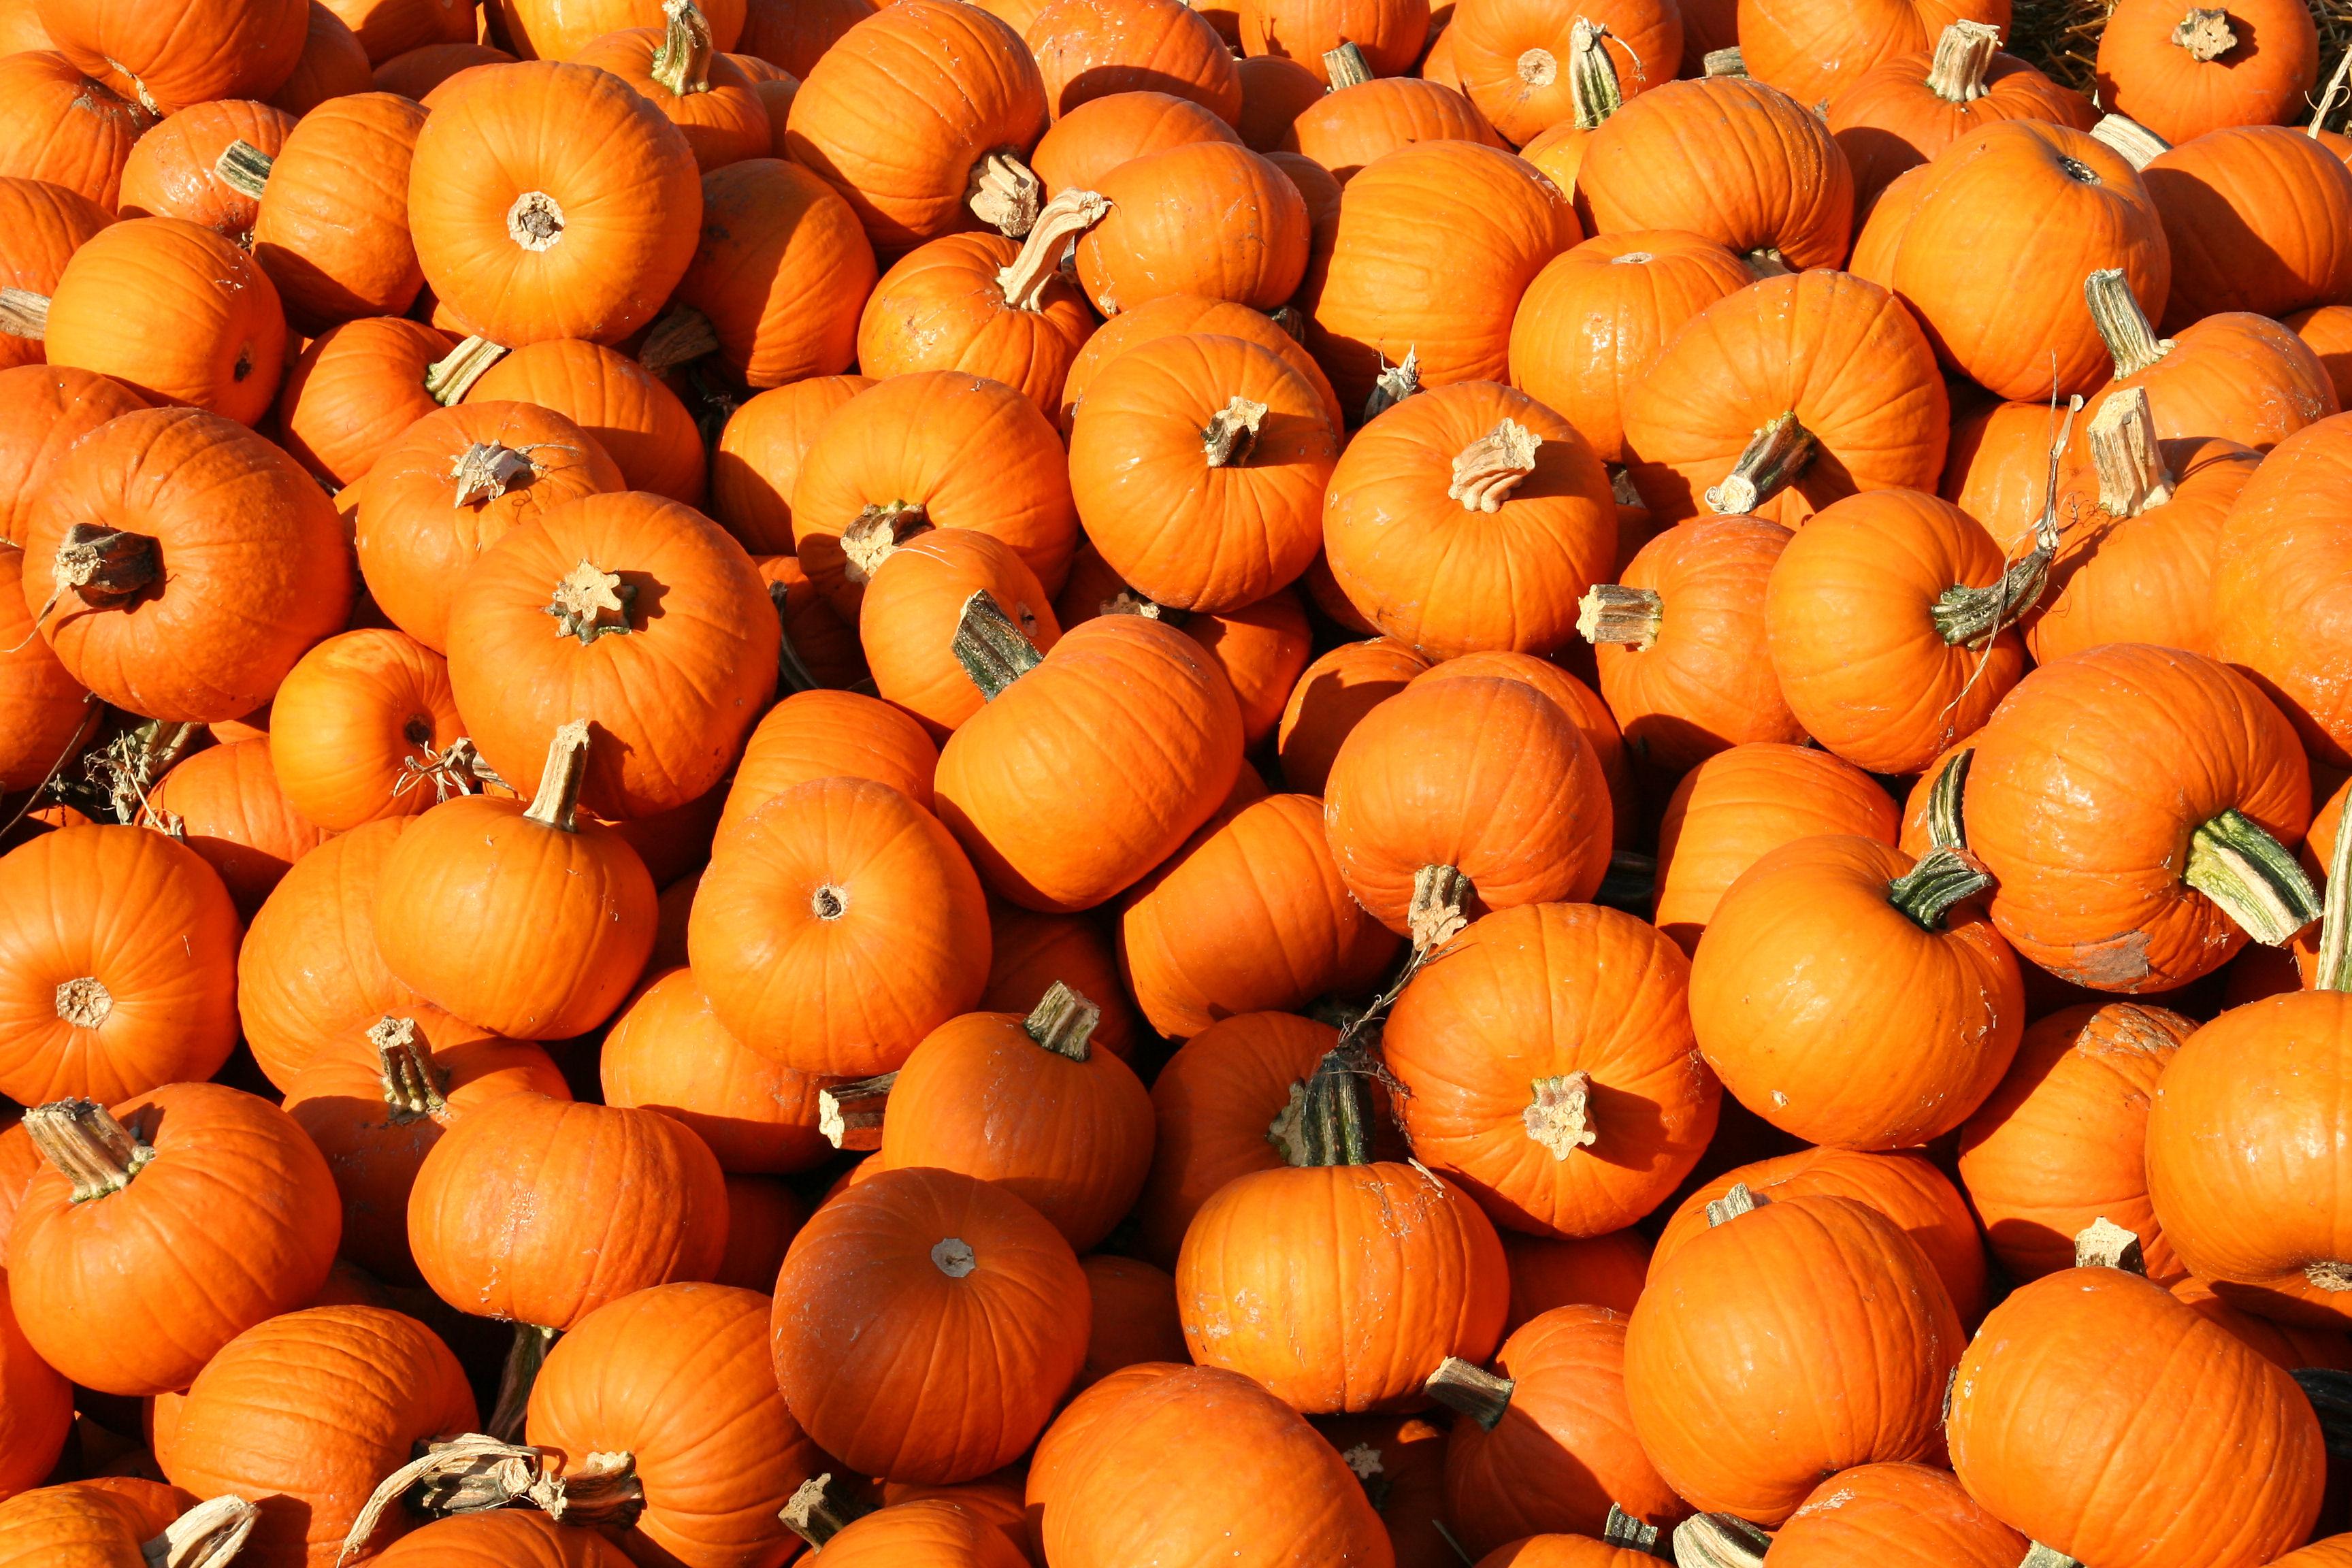 Free Download Pumpkin Wallpapers Hd 3456x2304 For Your Desktop Mobile Tablet Explore 74 Pumpkins Backgrounds Free Pumpkin Wallpaper Hd Pumpkin Wallpaper Free Halloween Desktop Wallpaper Screens